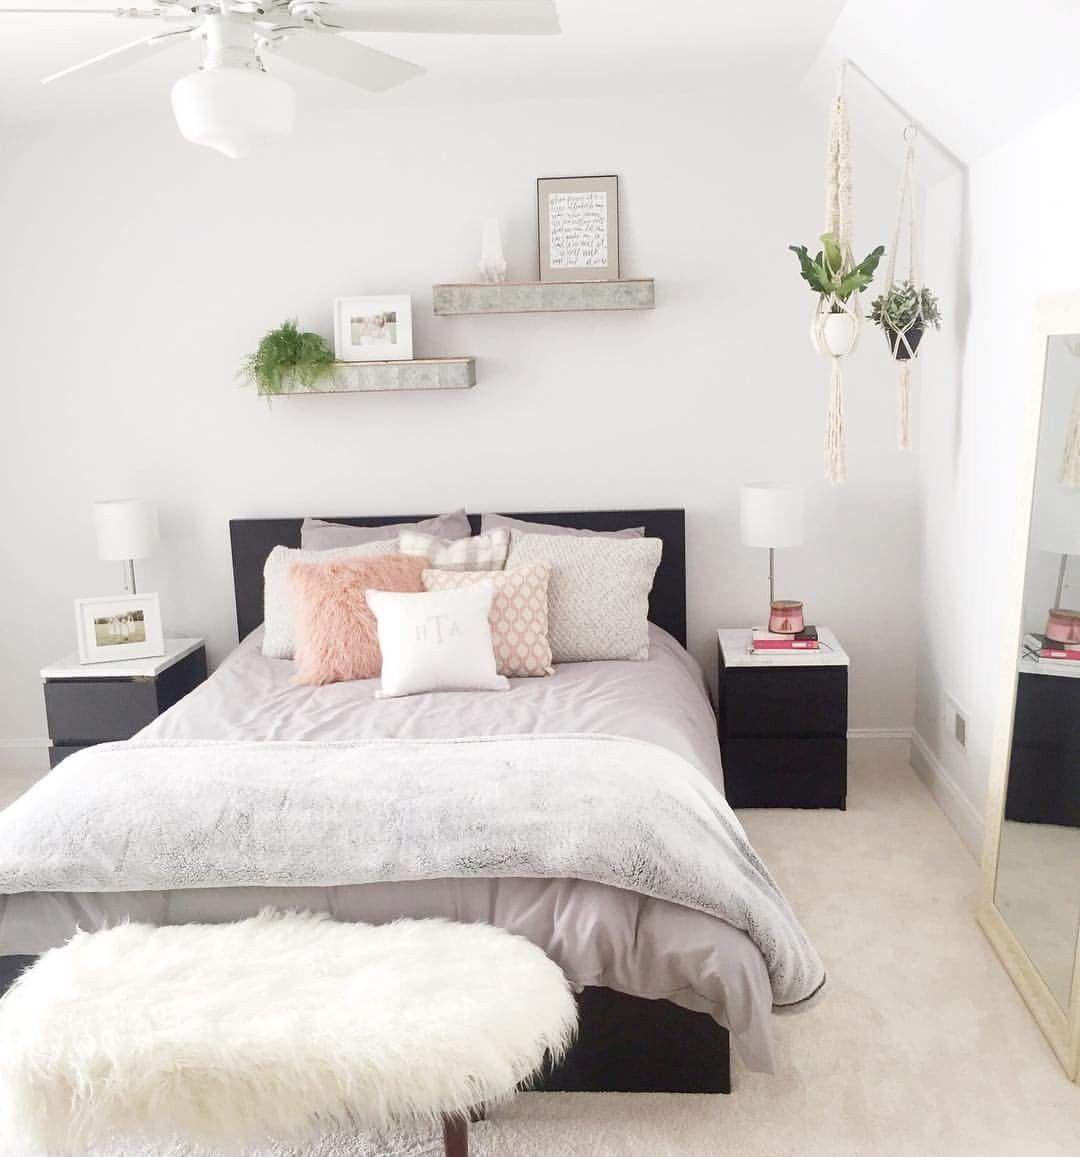 M s como esto en habitaciones deco en 2019 - Decoracion de habitaciones para parejas ...